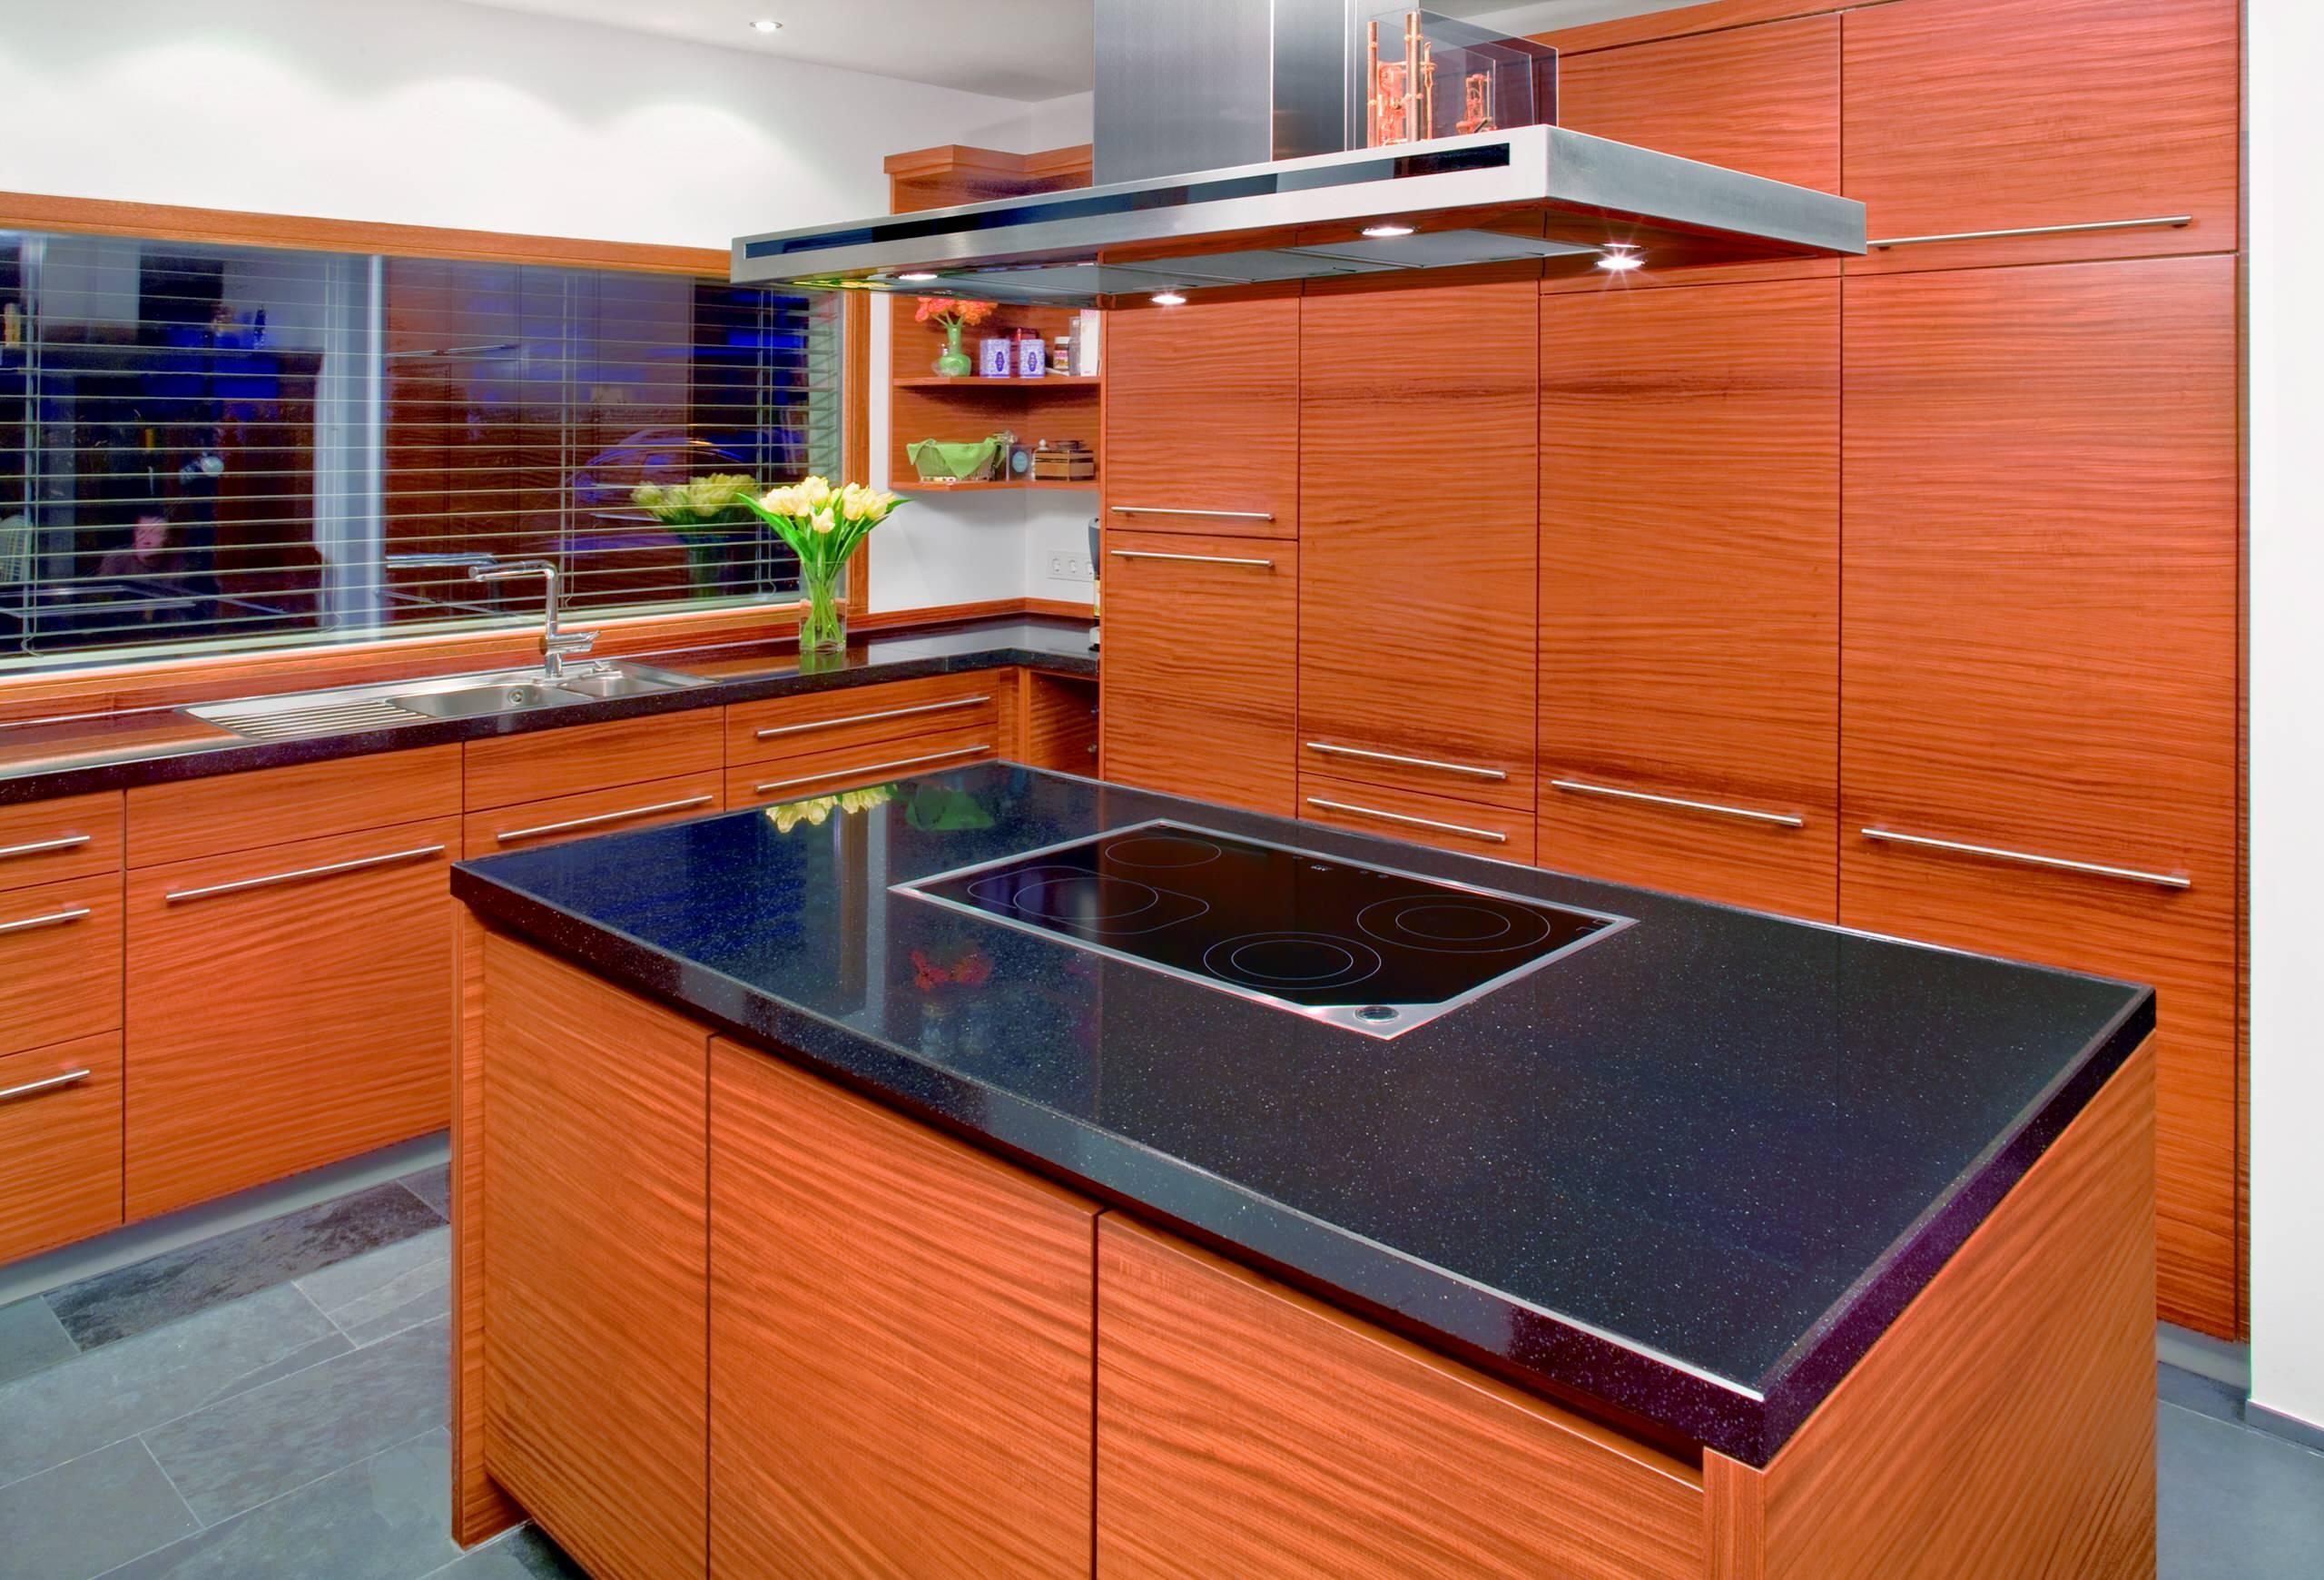 Einbauküche, echtholzfurniert goldteak, natur lackiert